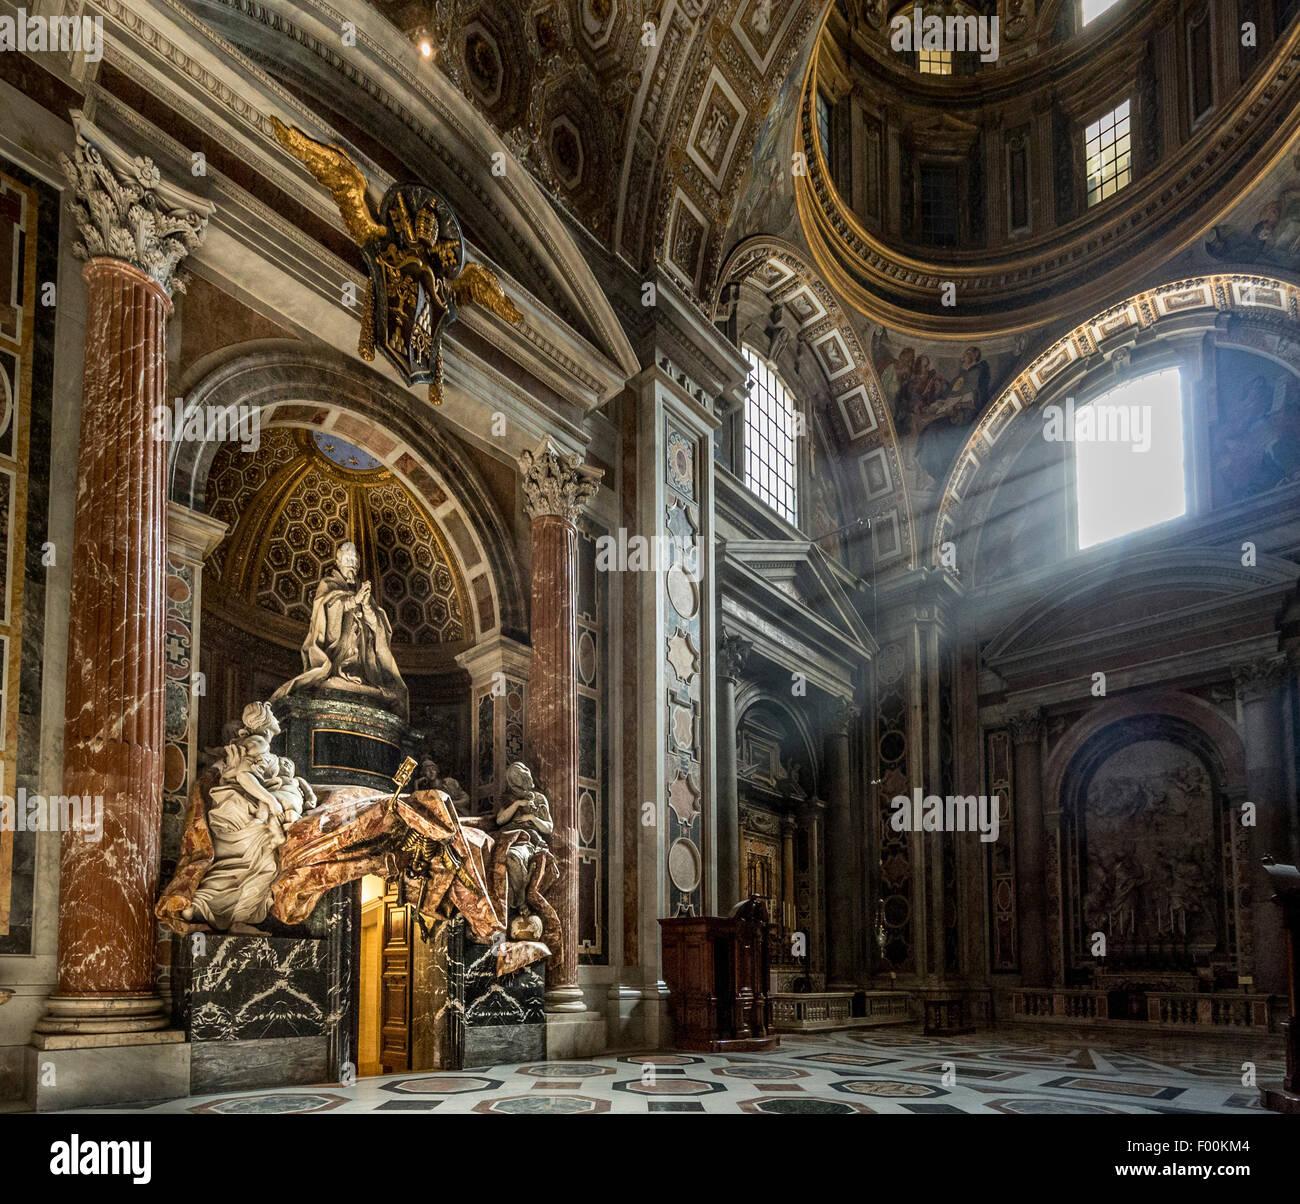 Vue de côté de la tombe du pape Alexandre VII dans le transept sud de la Basilique Saint-Pierre, Vatican. Italie Banque D'Images